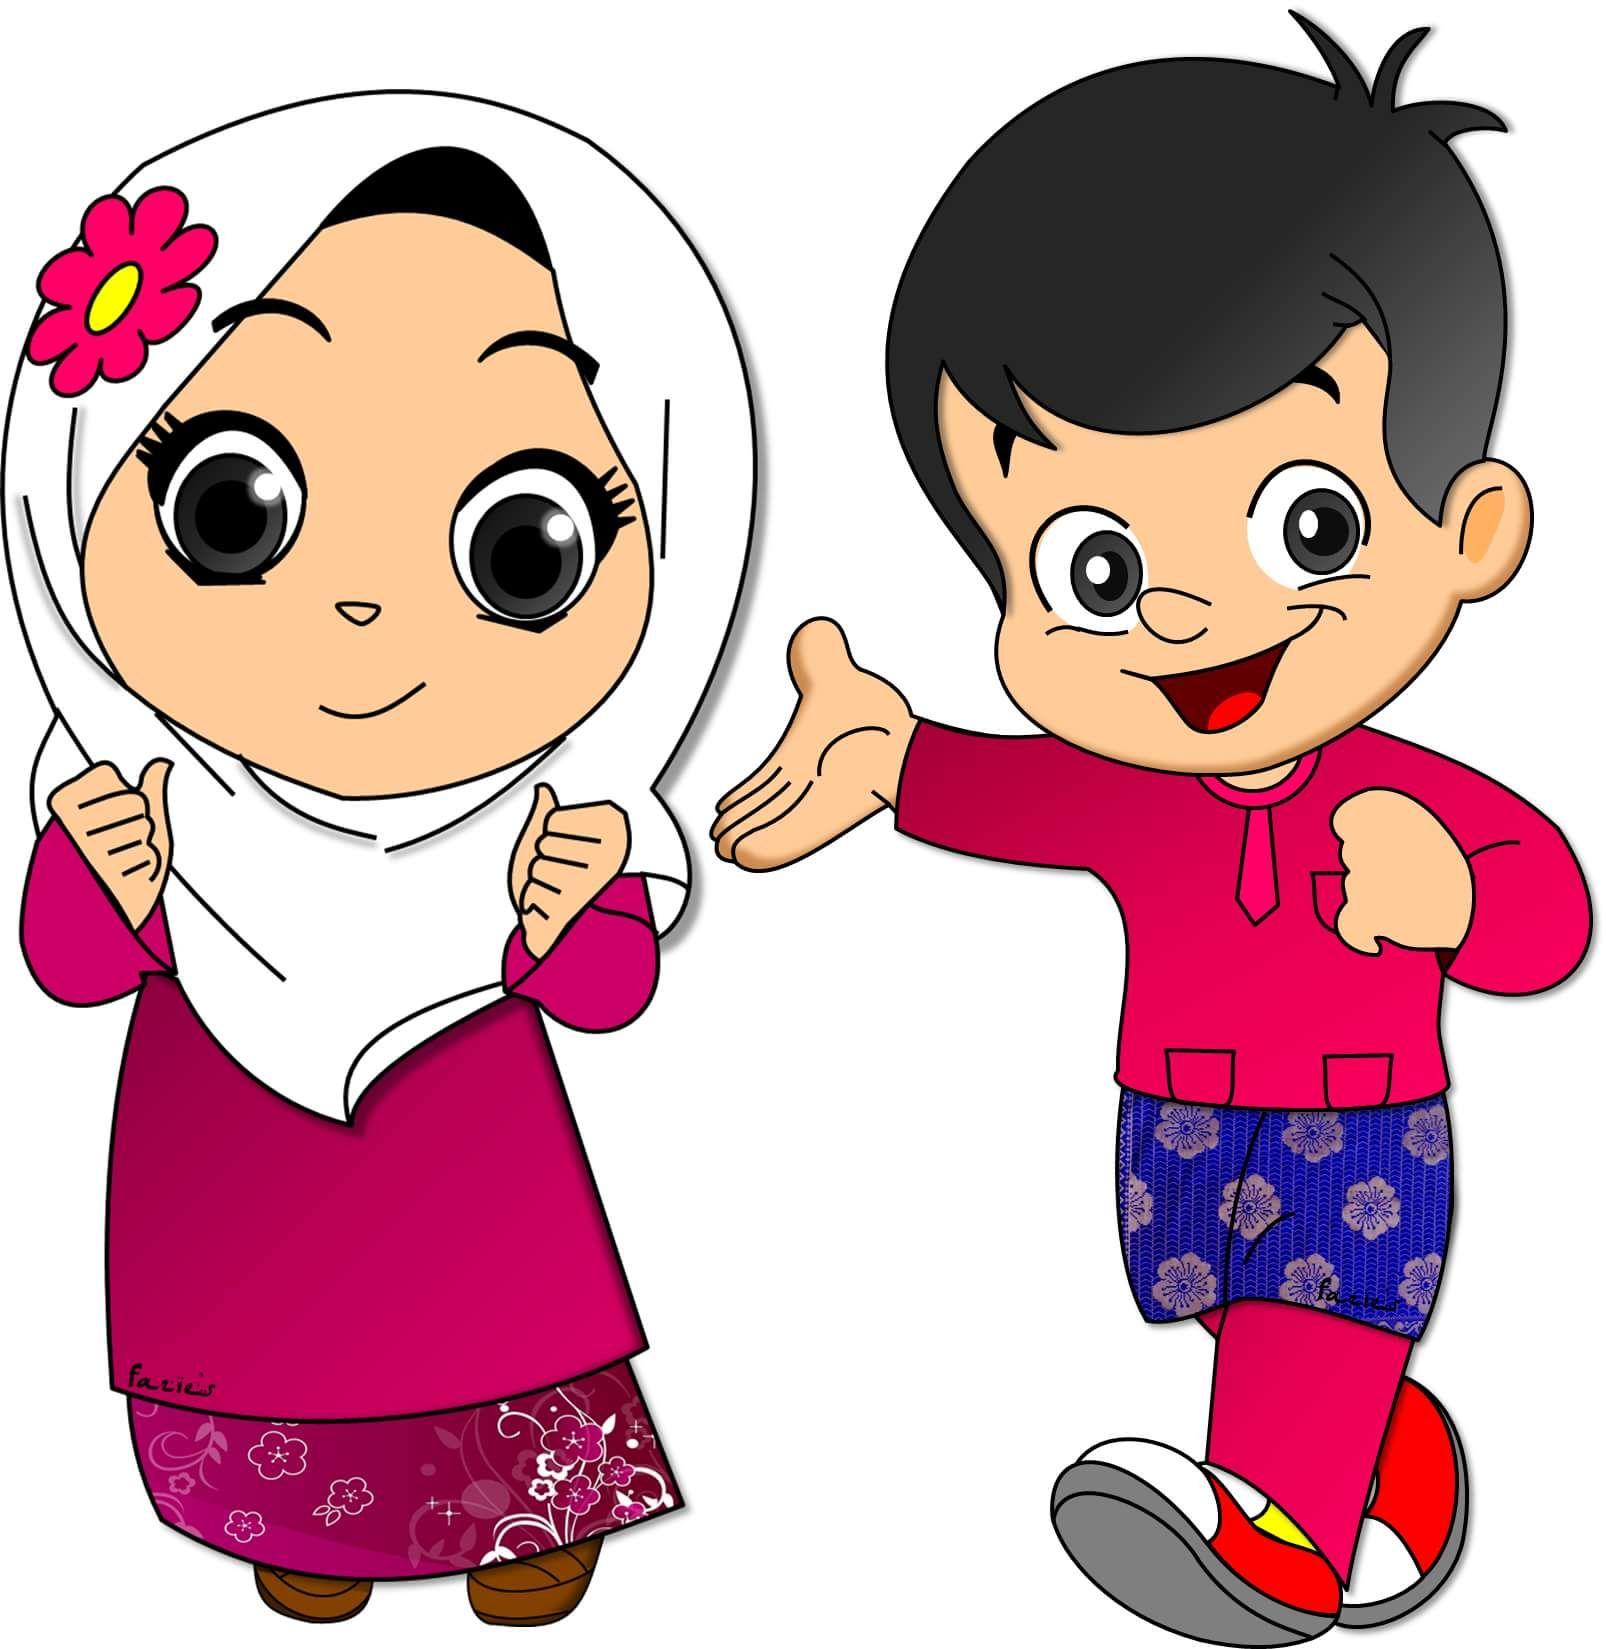 Muslim Clipart at GetDrawings.com.